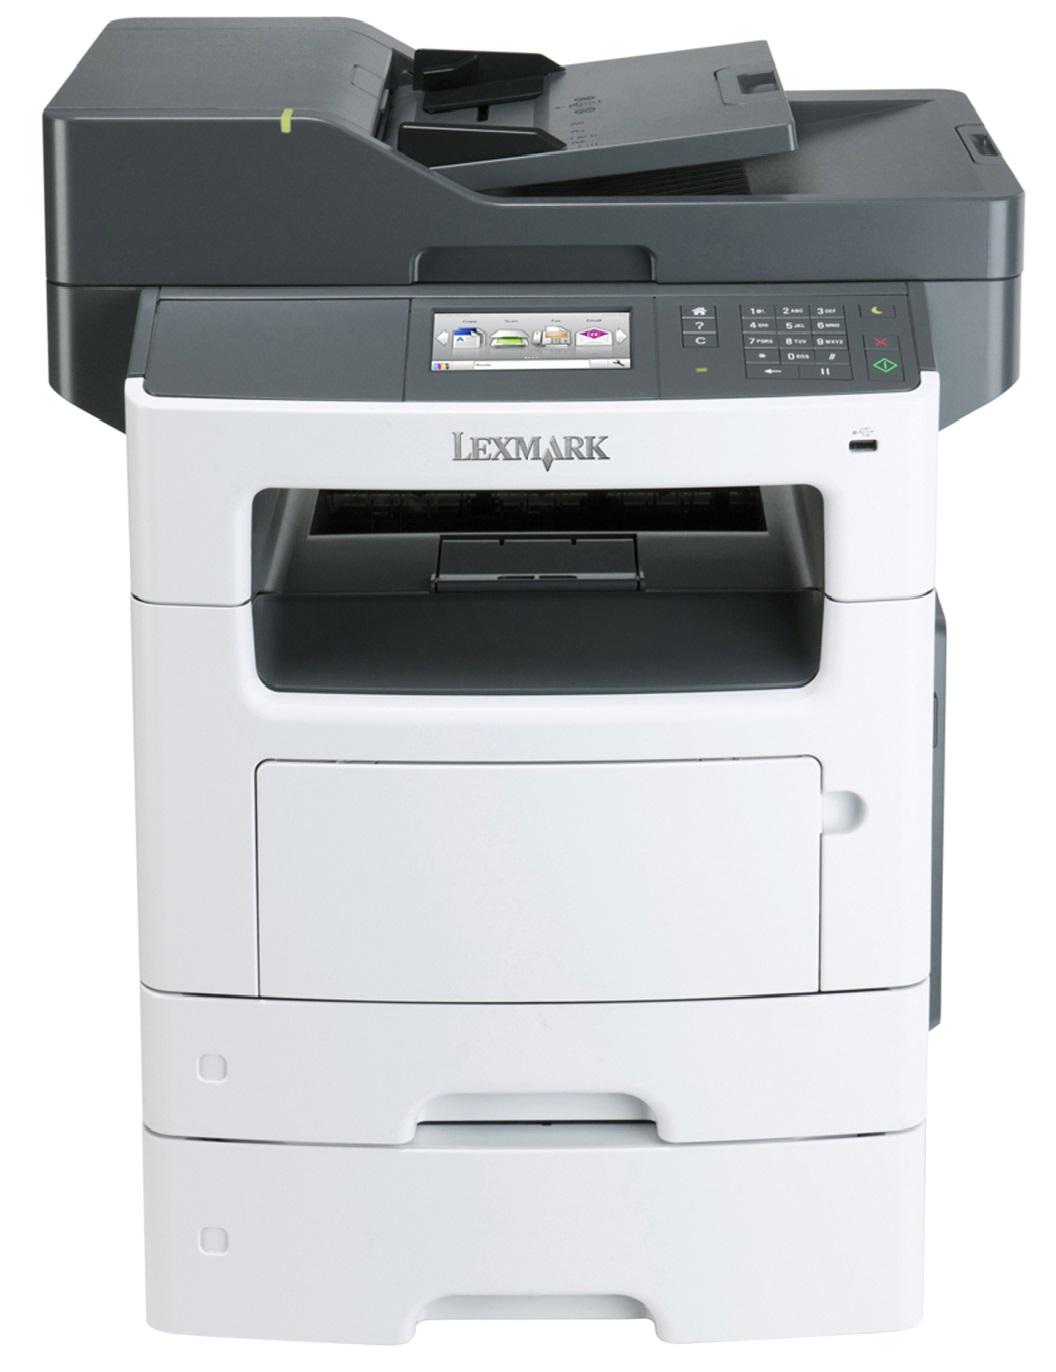 Lexmark Mx511dte Multifunction Printer Copyfaxes